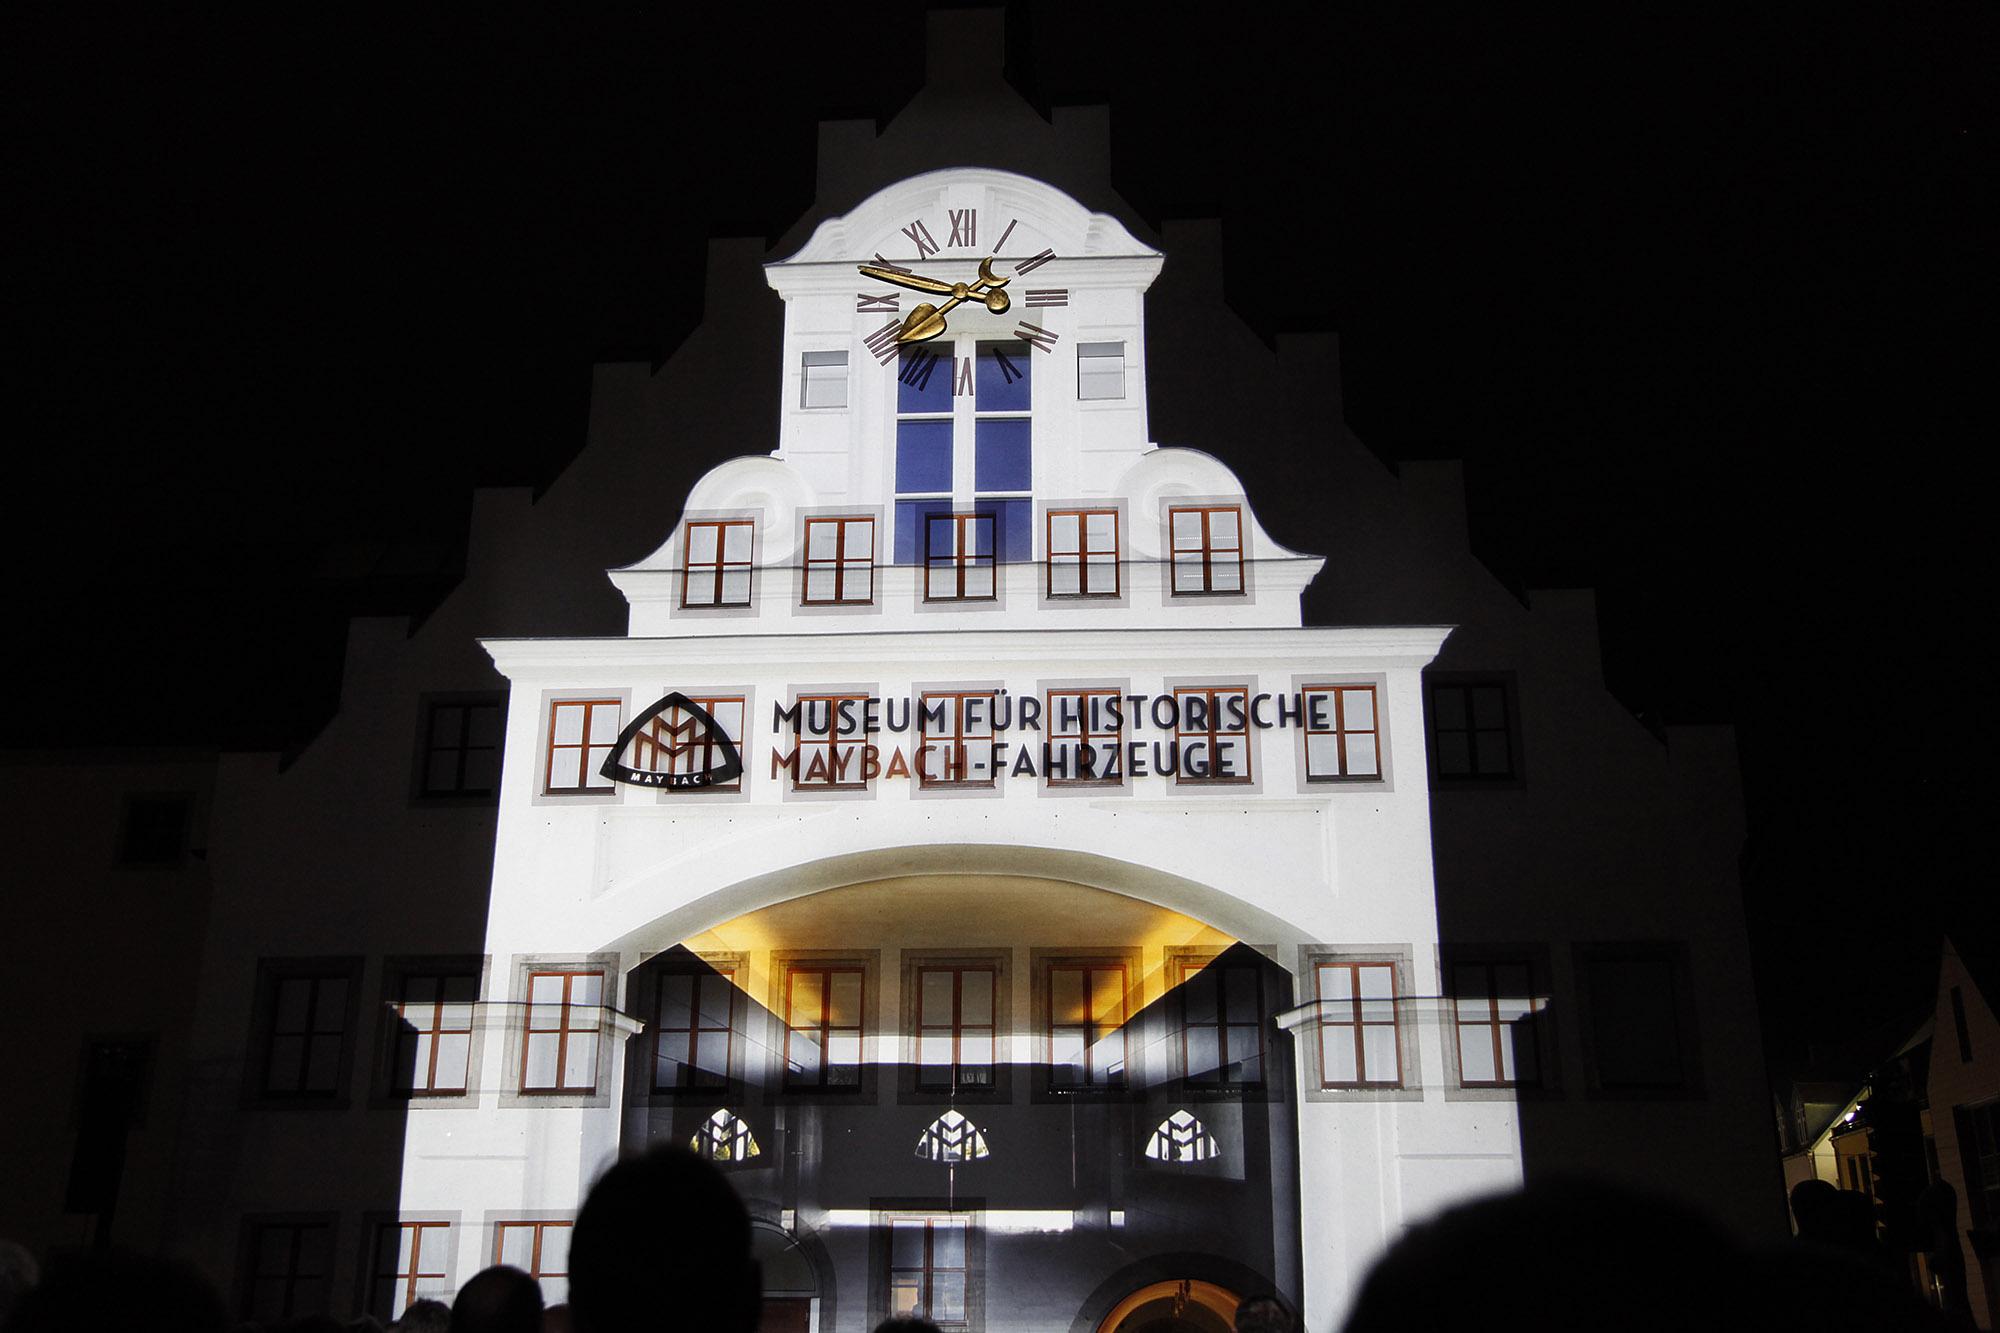 850JahreNeumarkt_Stadtgeschichte_2010_22.jpg